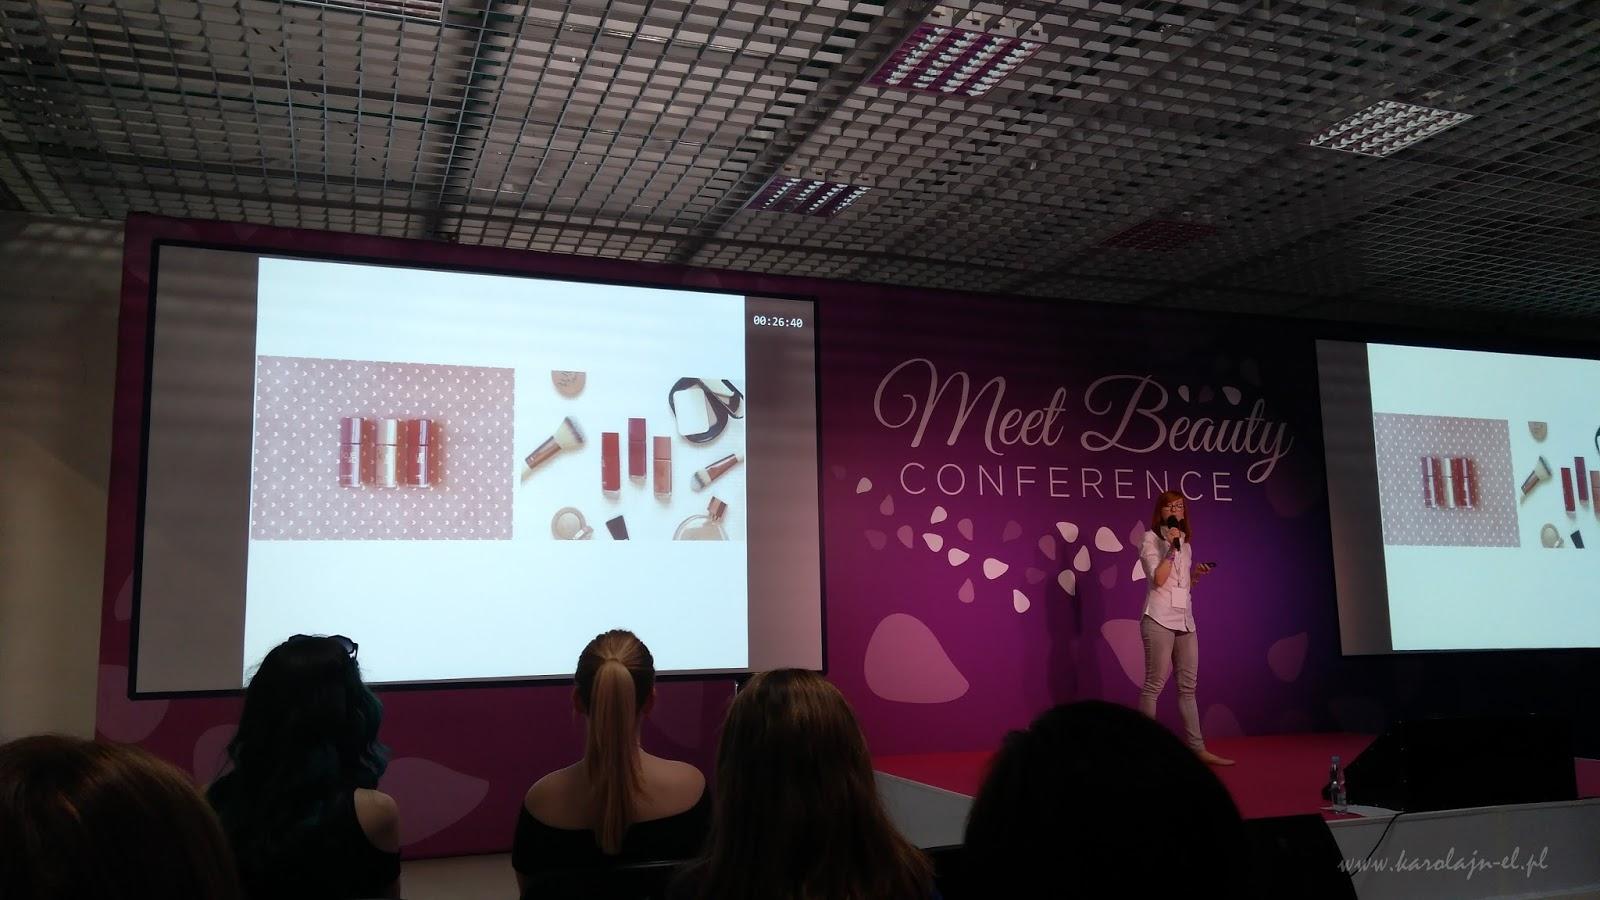 konferencja Meet Beauty fotorelacja